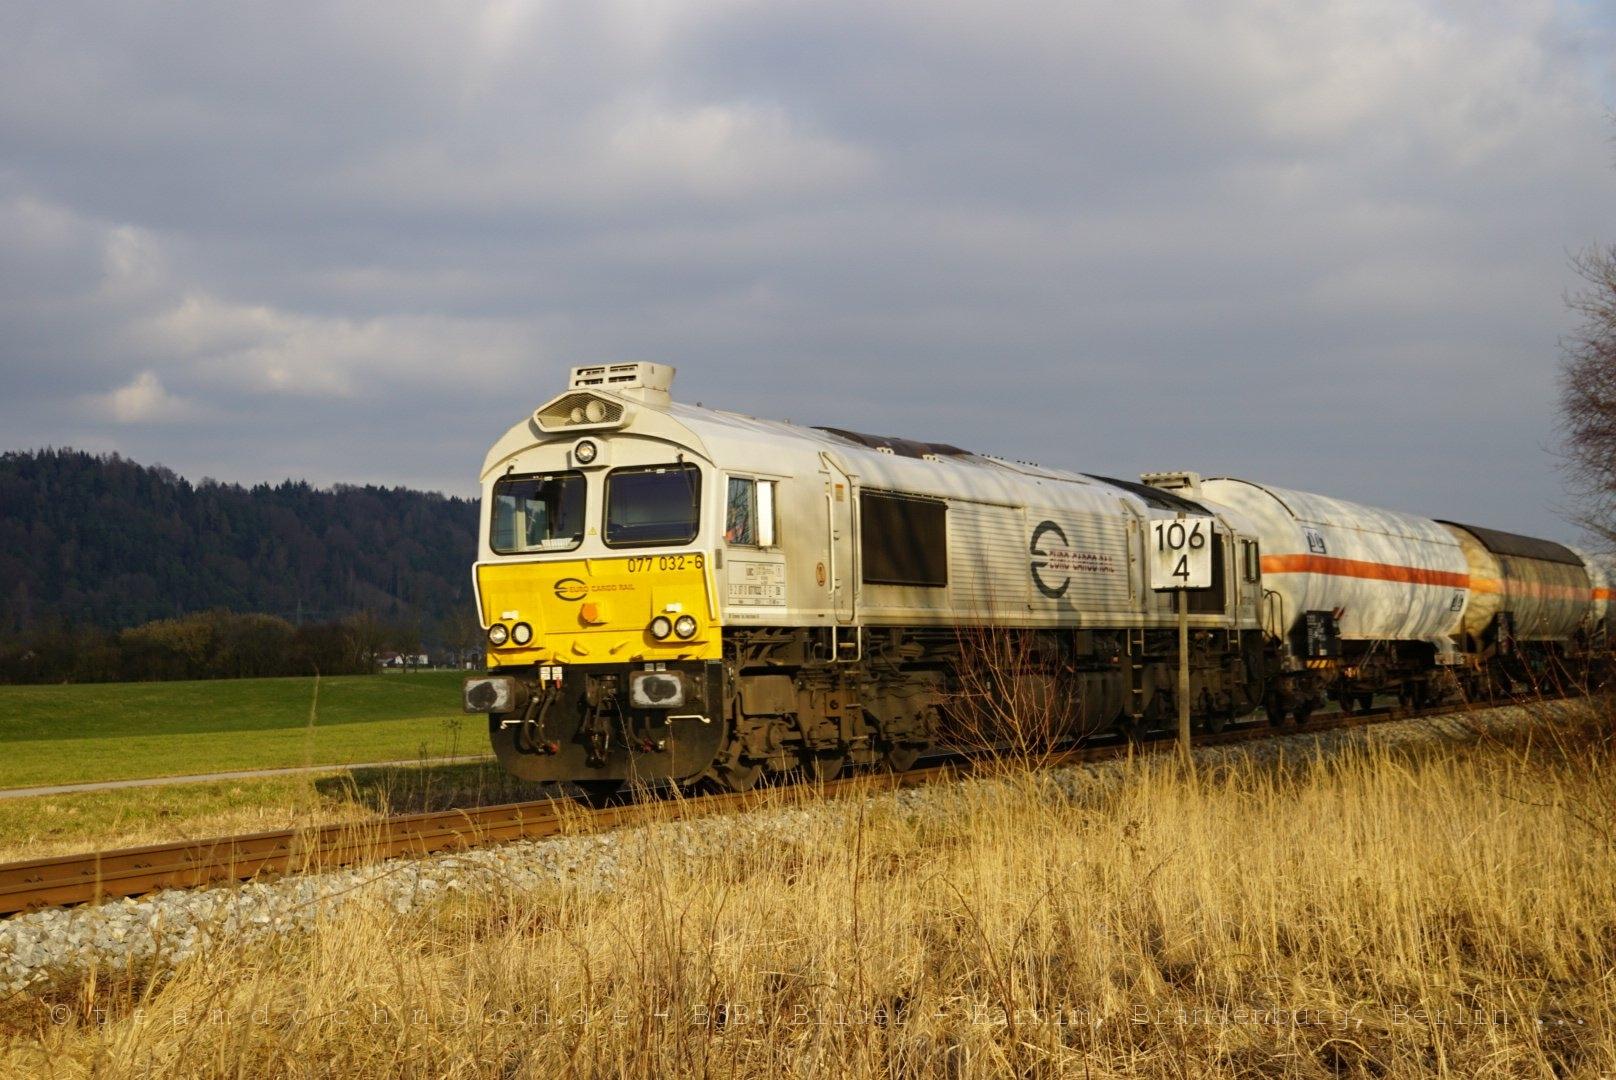 077 036-6 mit einem Gaskesselwagenzug auf dem Weg nach Mühldorf am Inn